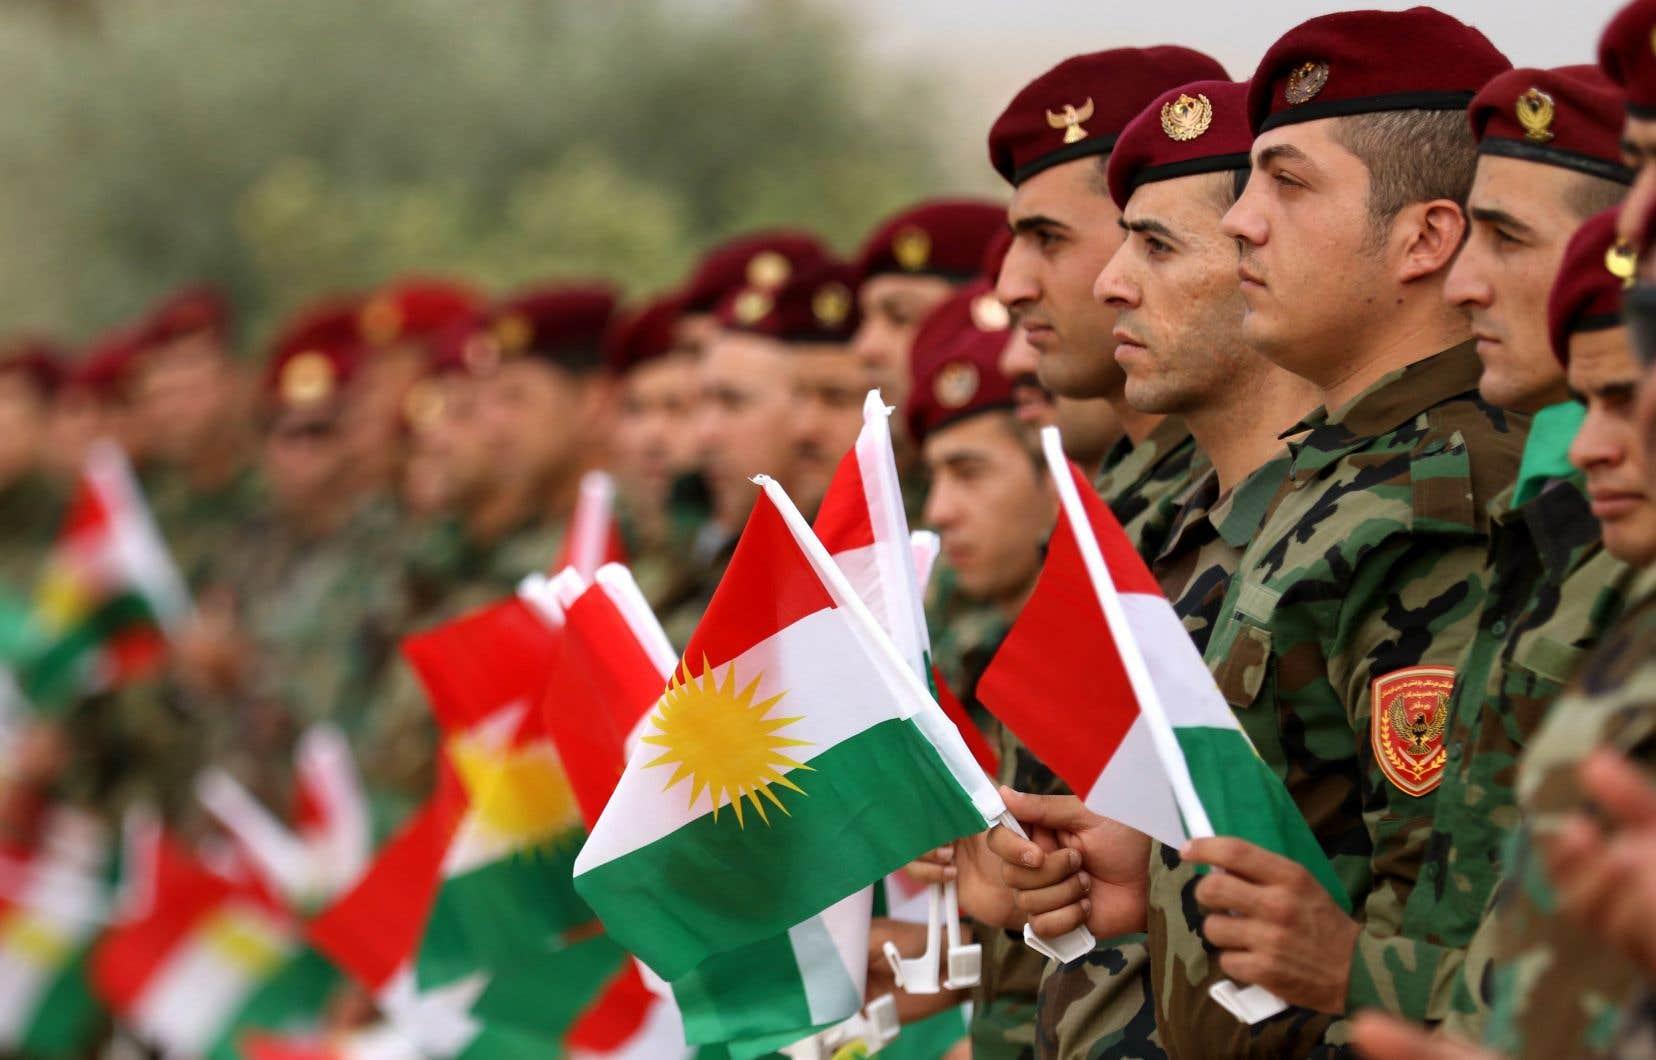 Après des années de soutien envers les militaires kurdes, le gouvernement canadien a mis fin à la collaboration en octobre 2017.